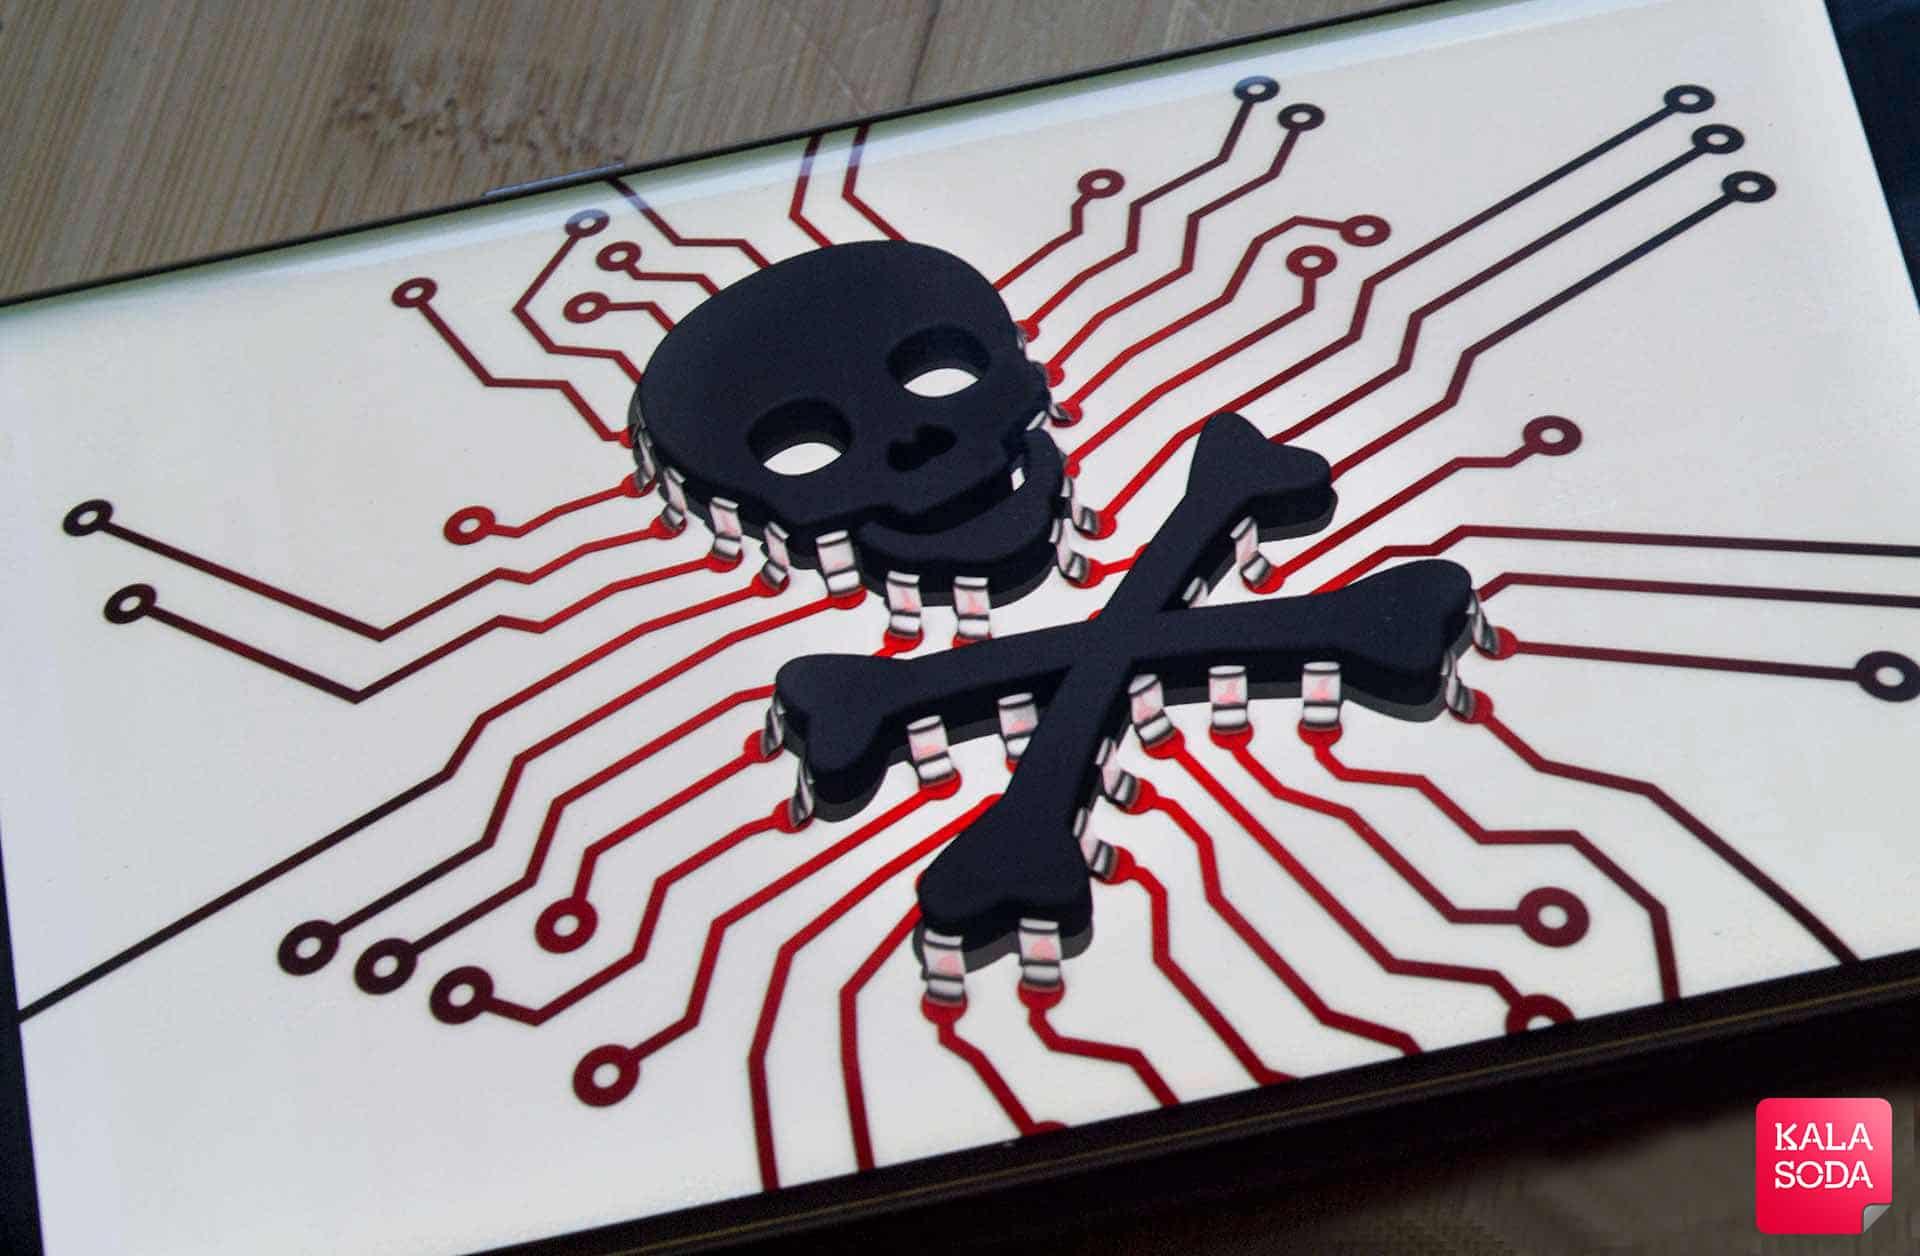 بدافزار Fakeapp به موبایل های اندرویدی لشگر کشید|کالاسودا